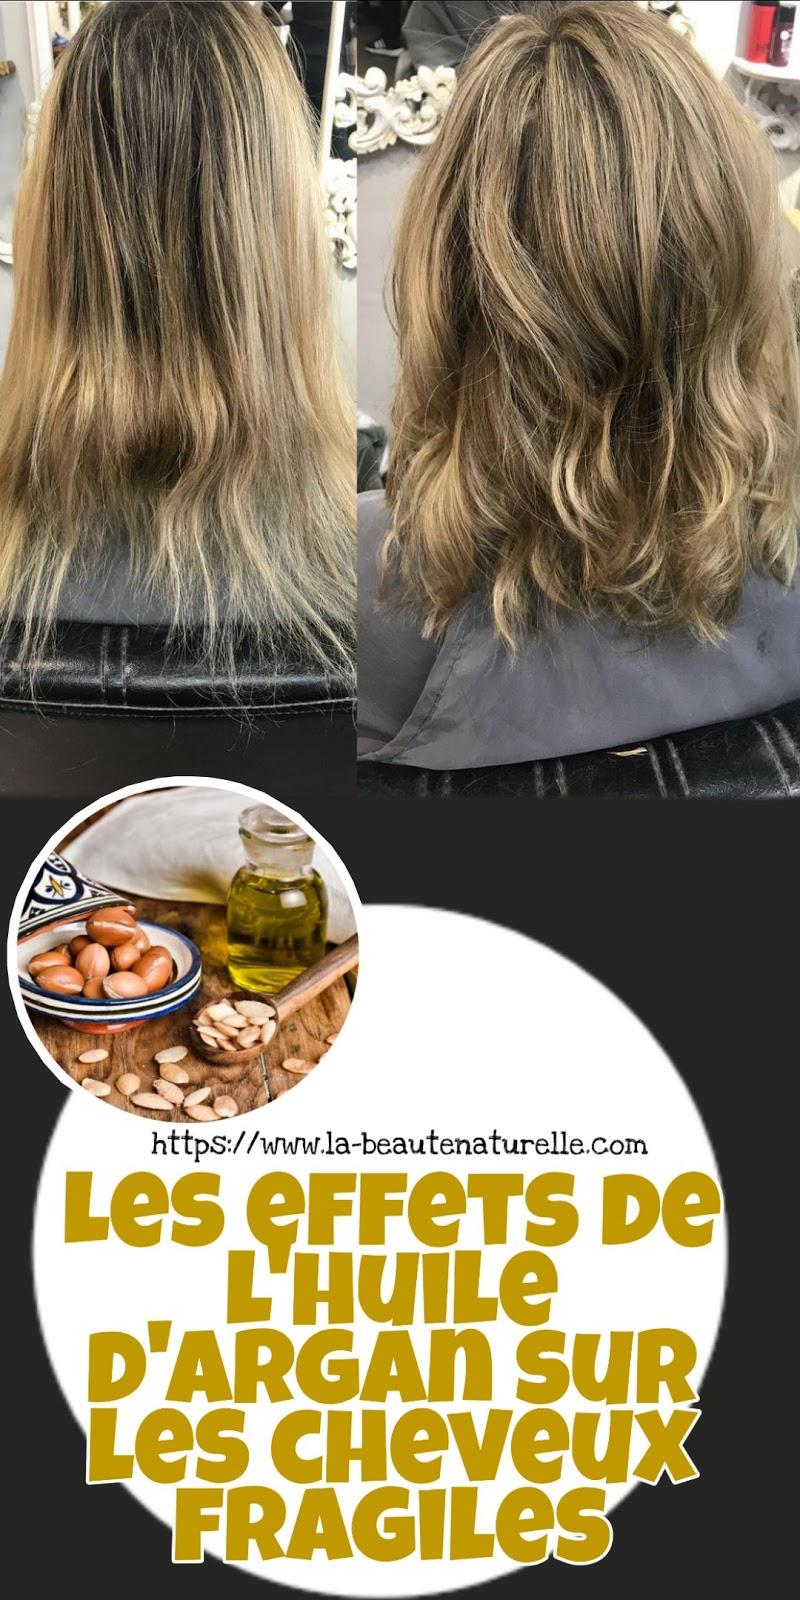 Les effets de l'huile d'argan sur les cheveux fragiles